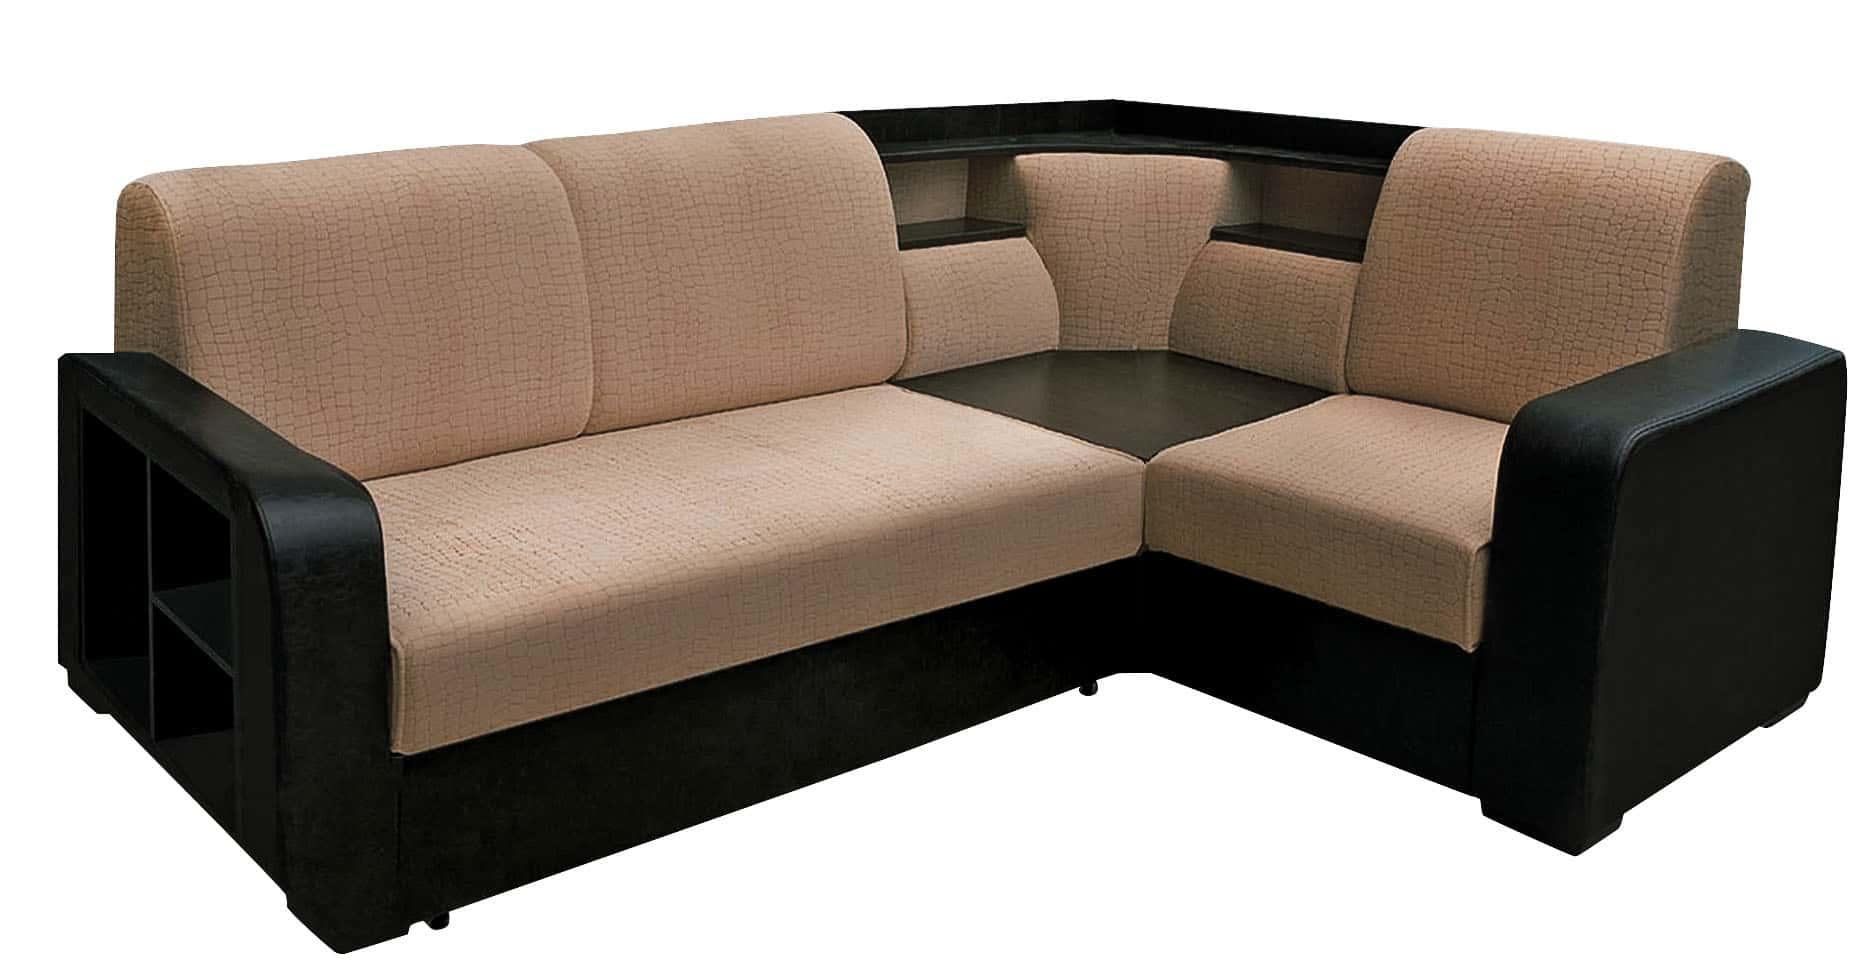 Какие существуют механизмы трансформации в угловых диванах